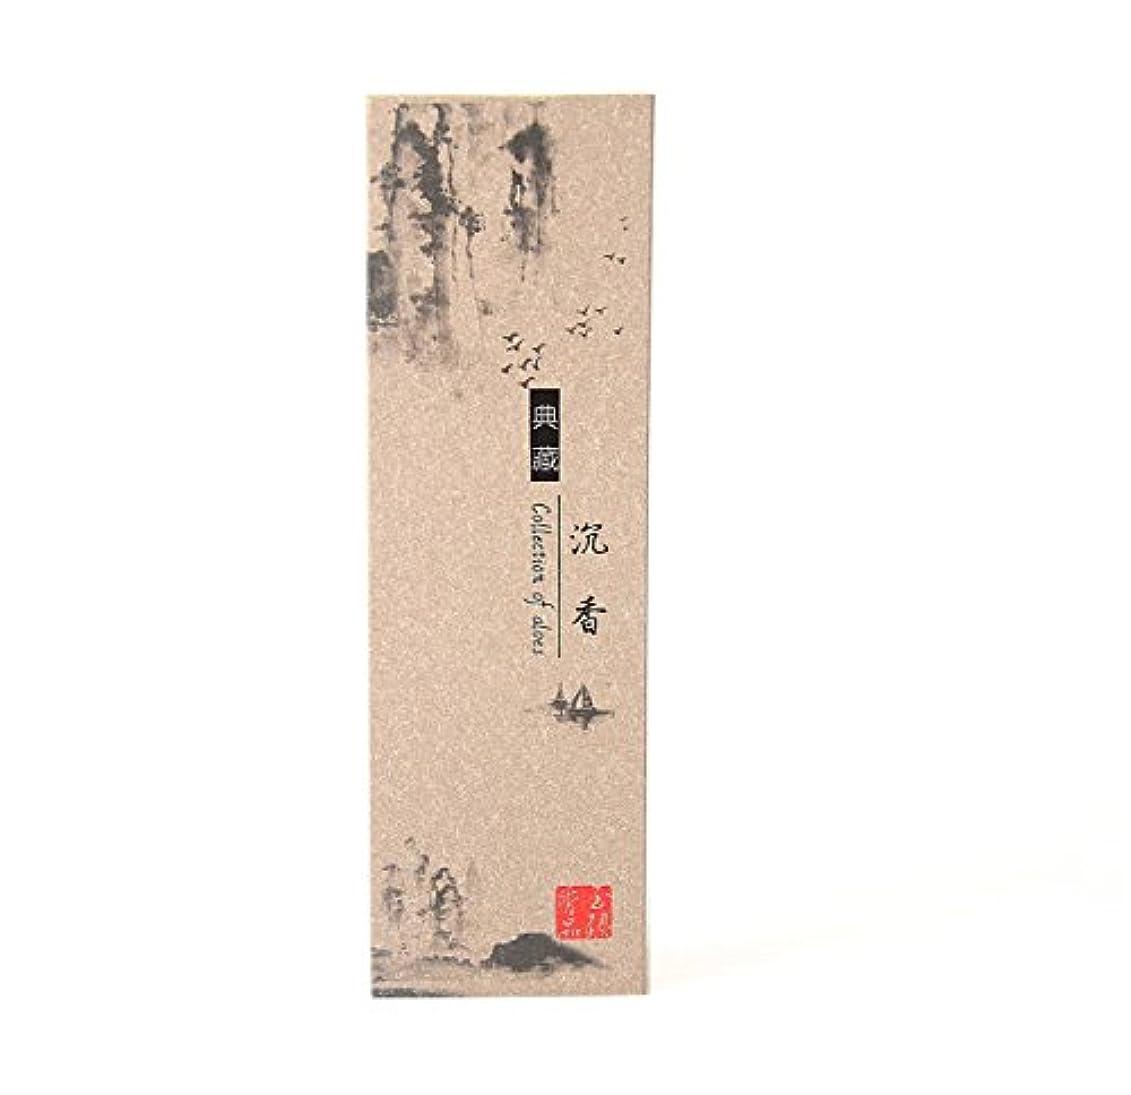 ステッチ宝スーパーHwagui 百年瀋香 天然の手作りお香 養心安神 お香立て 線香 ギフト